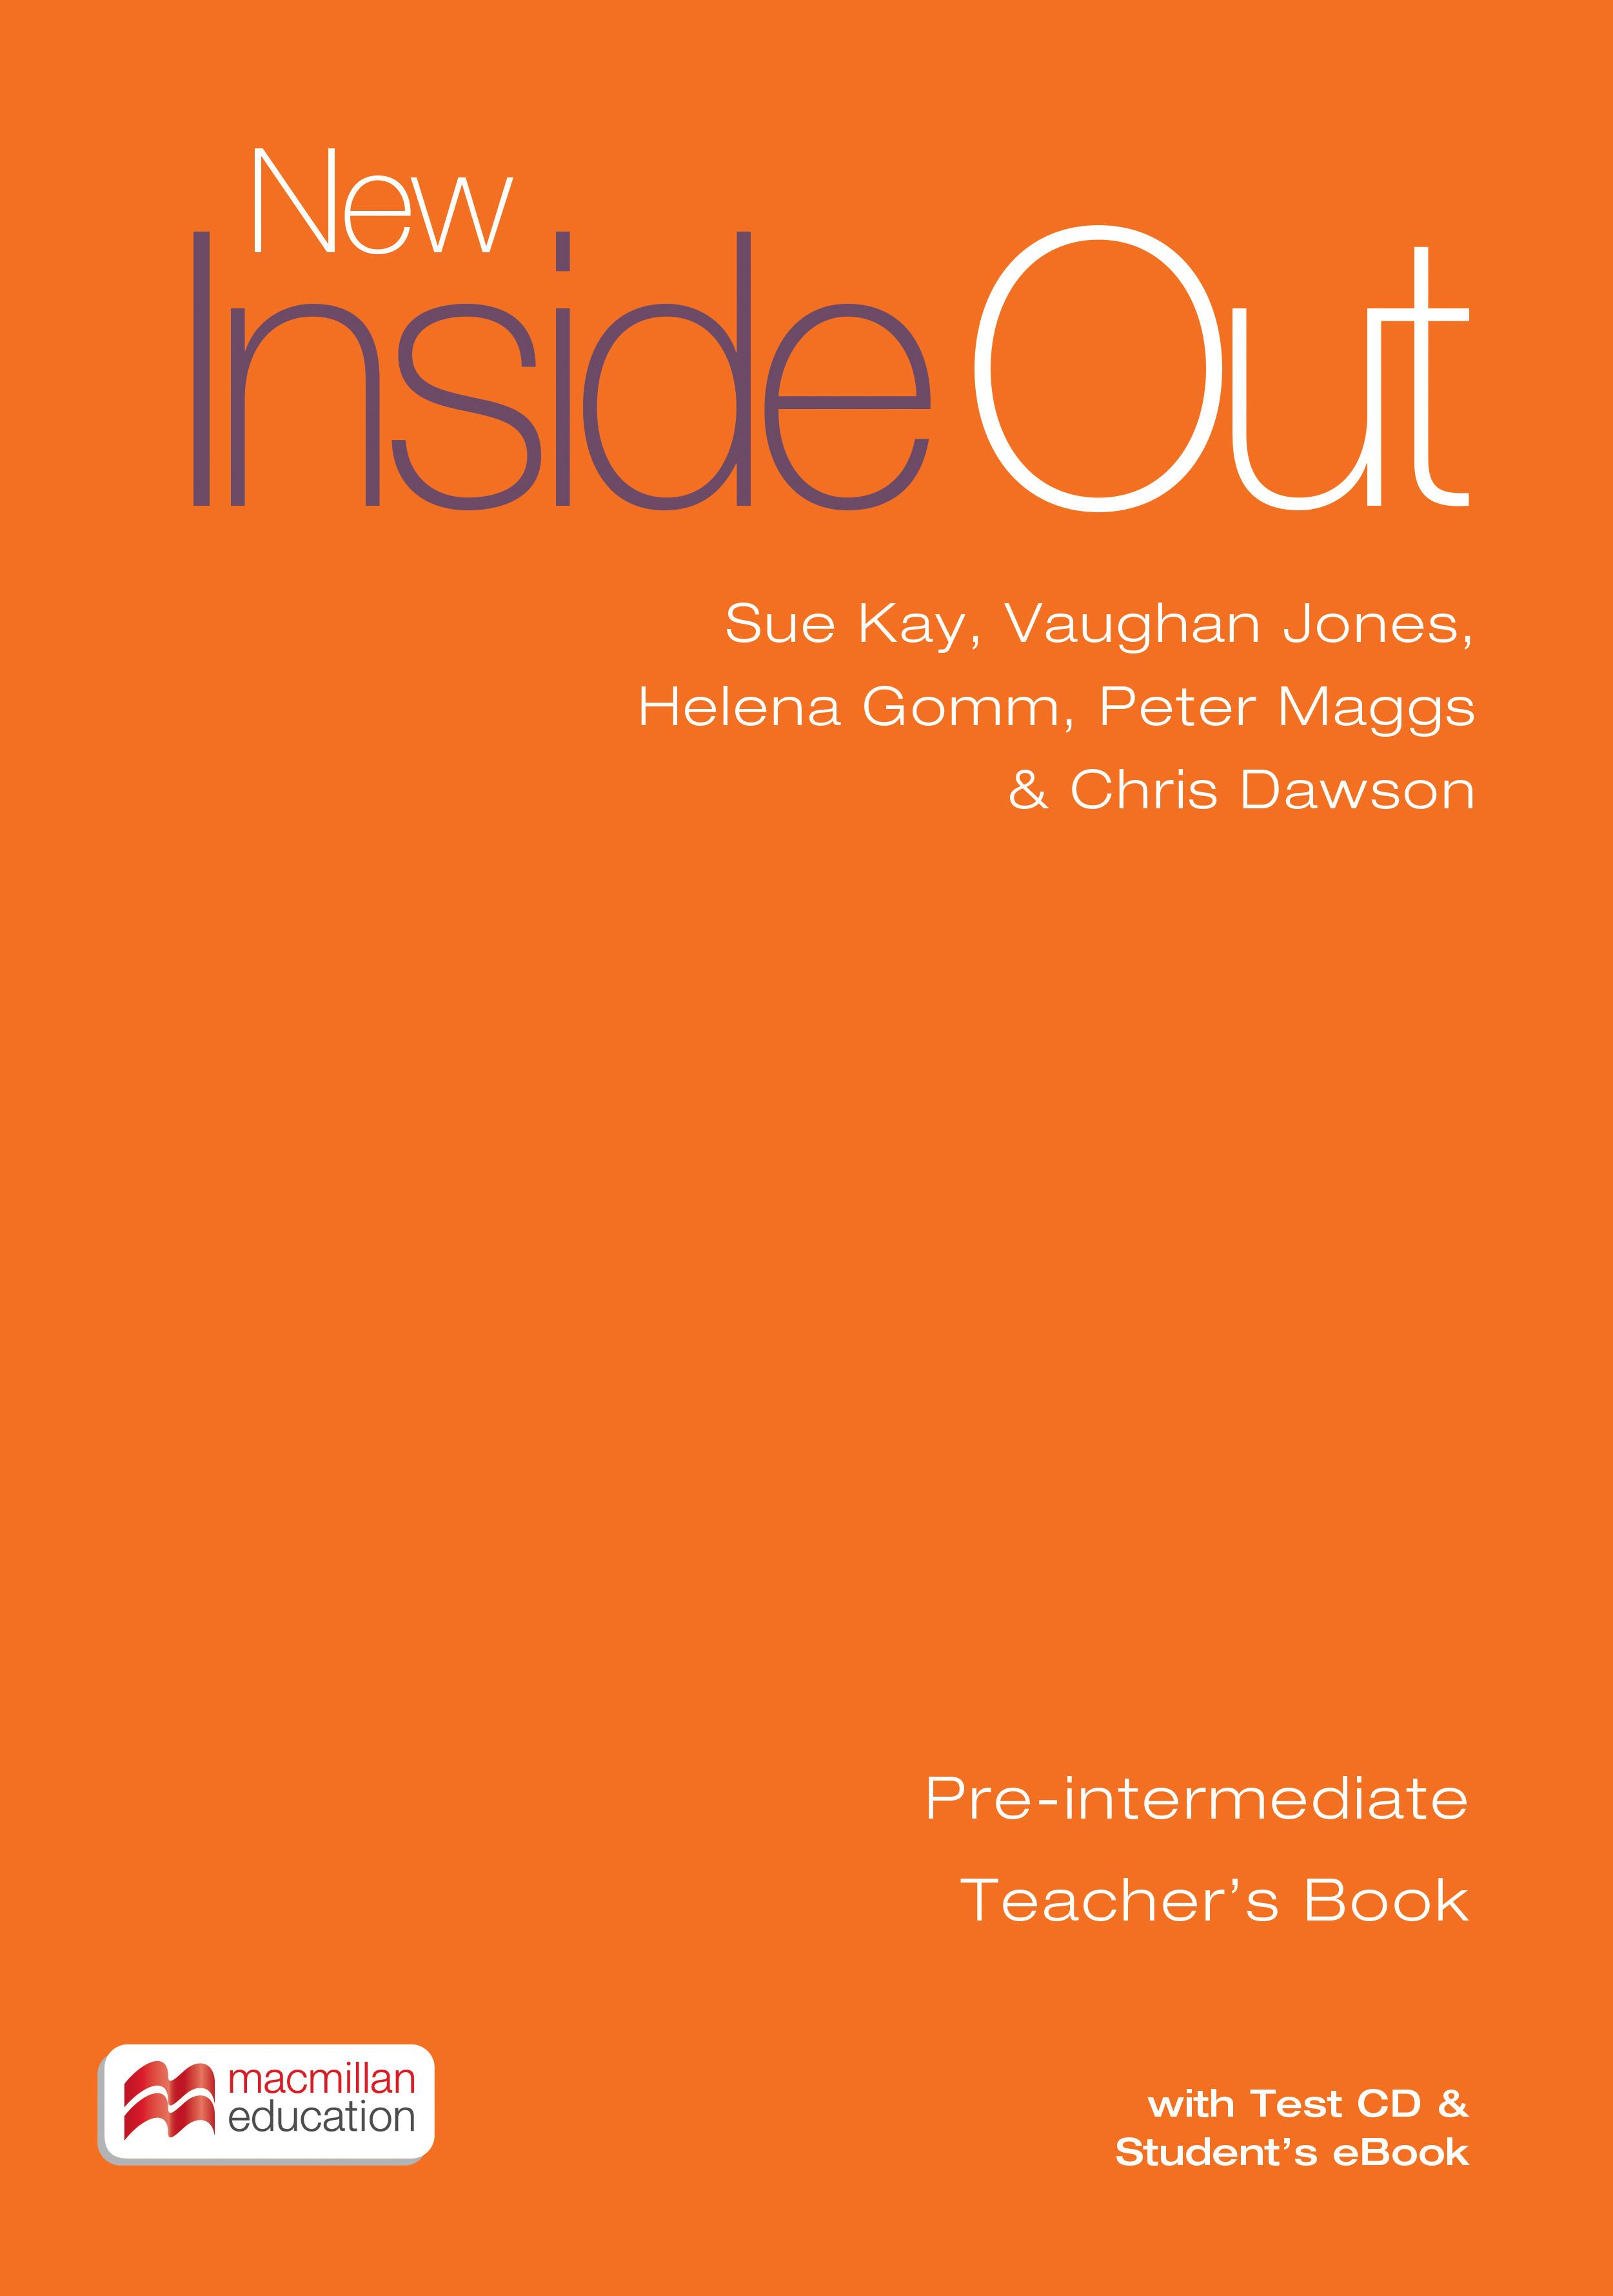 New Inside Out Pre-intermediate + eBook Teacher